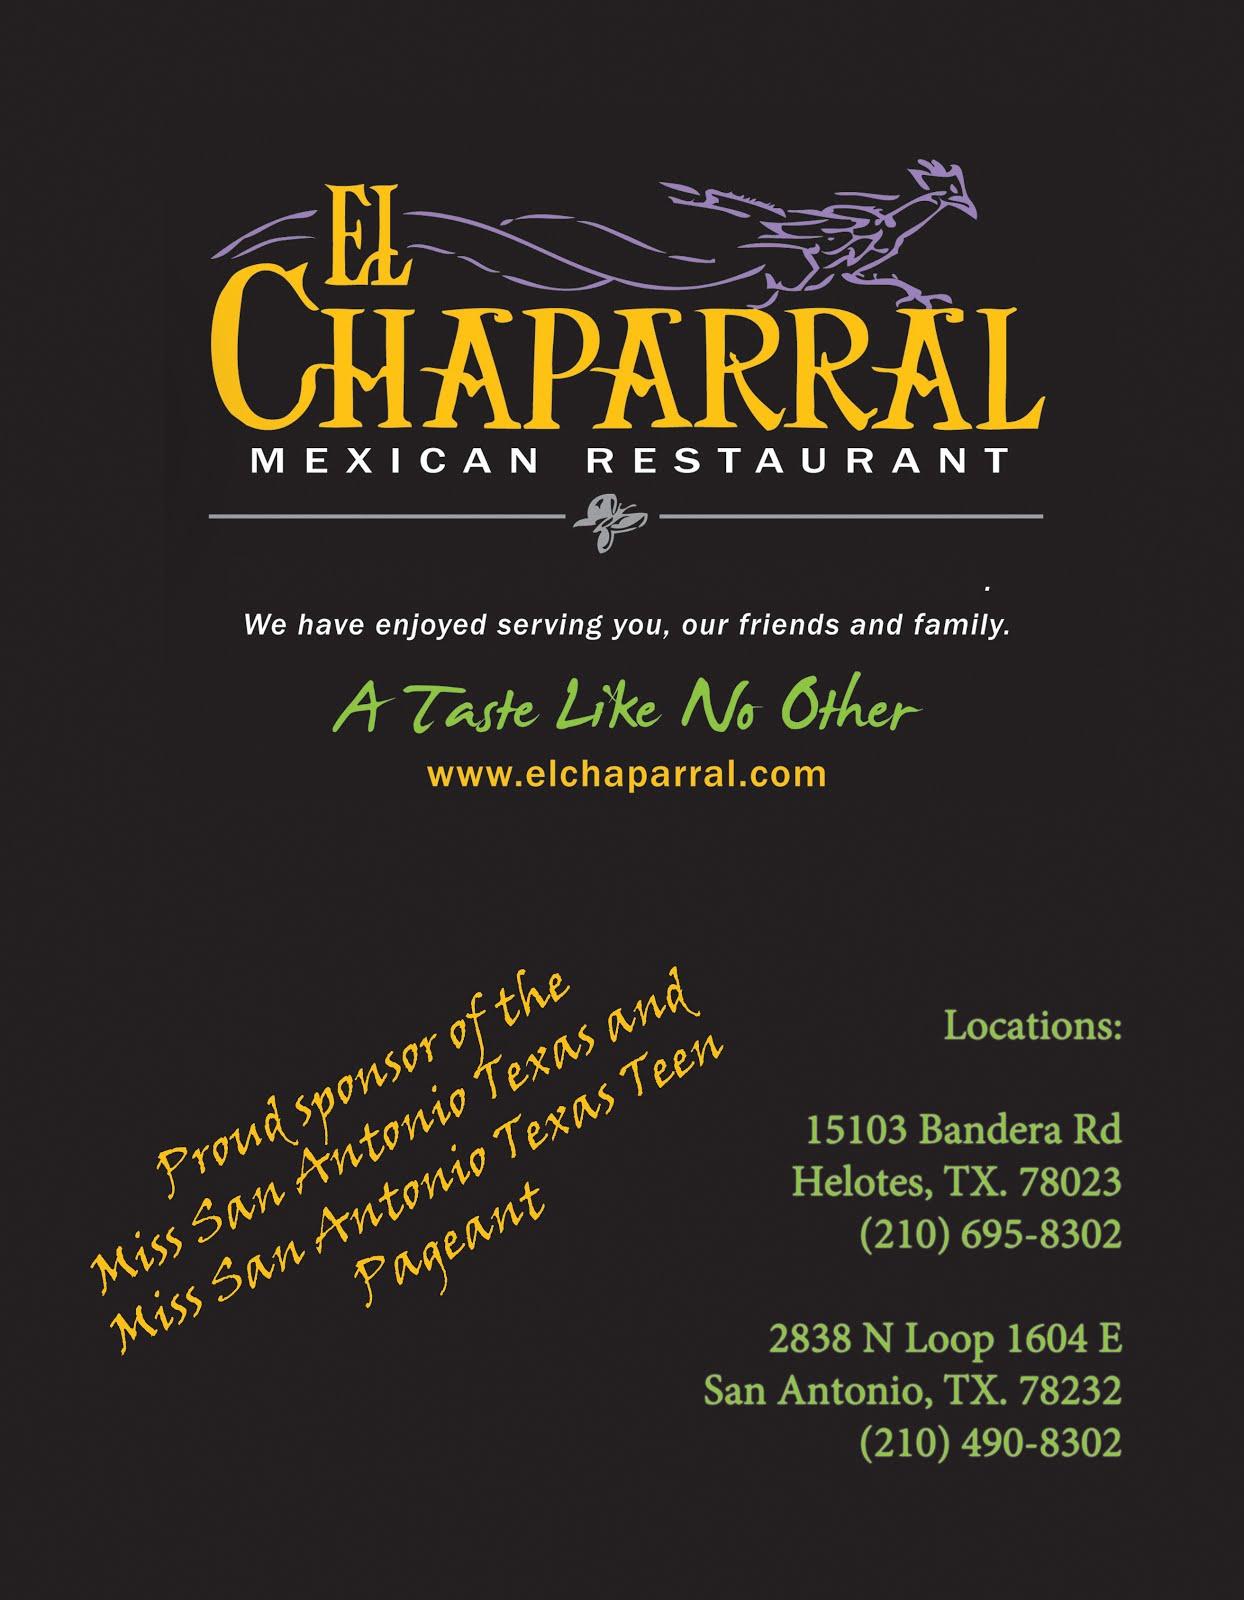 El Chaparral Mexican Restaurant